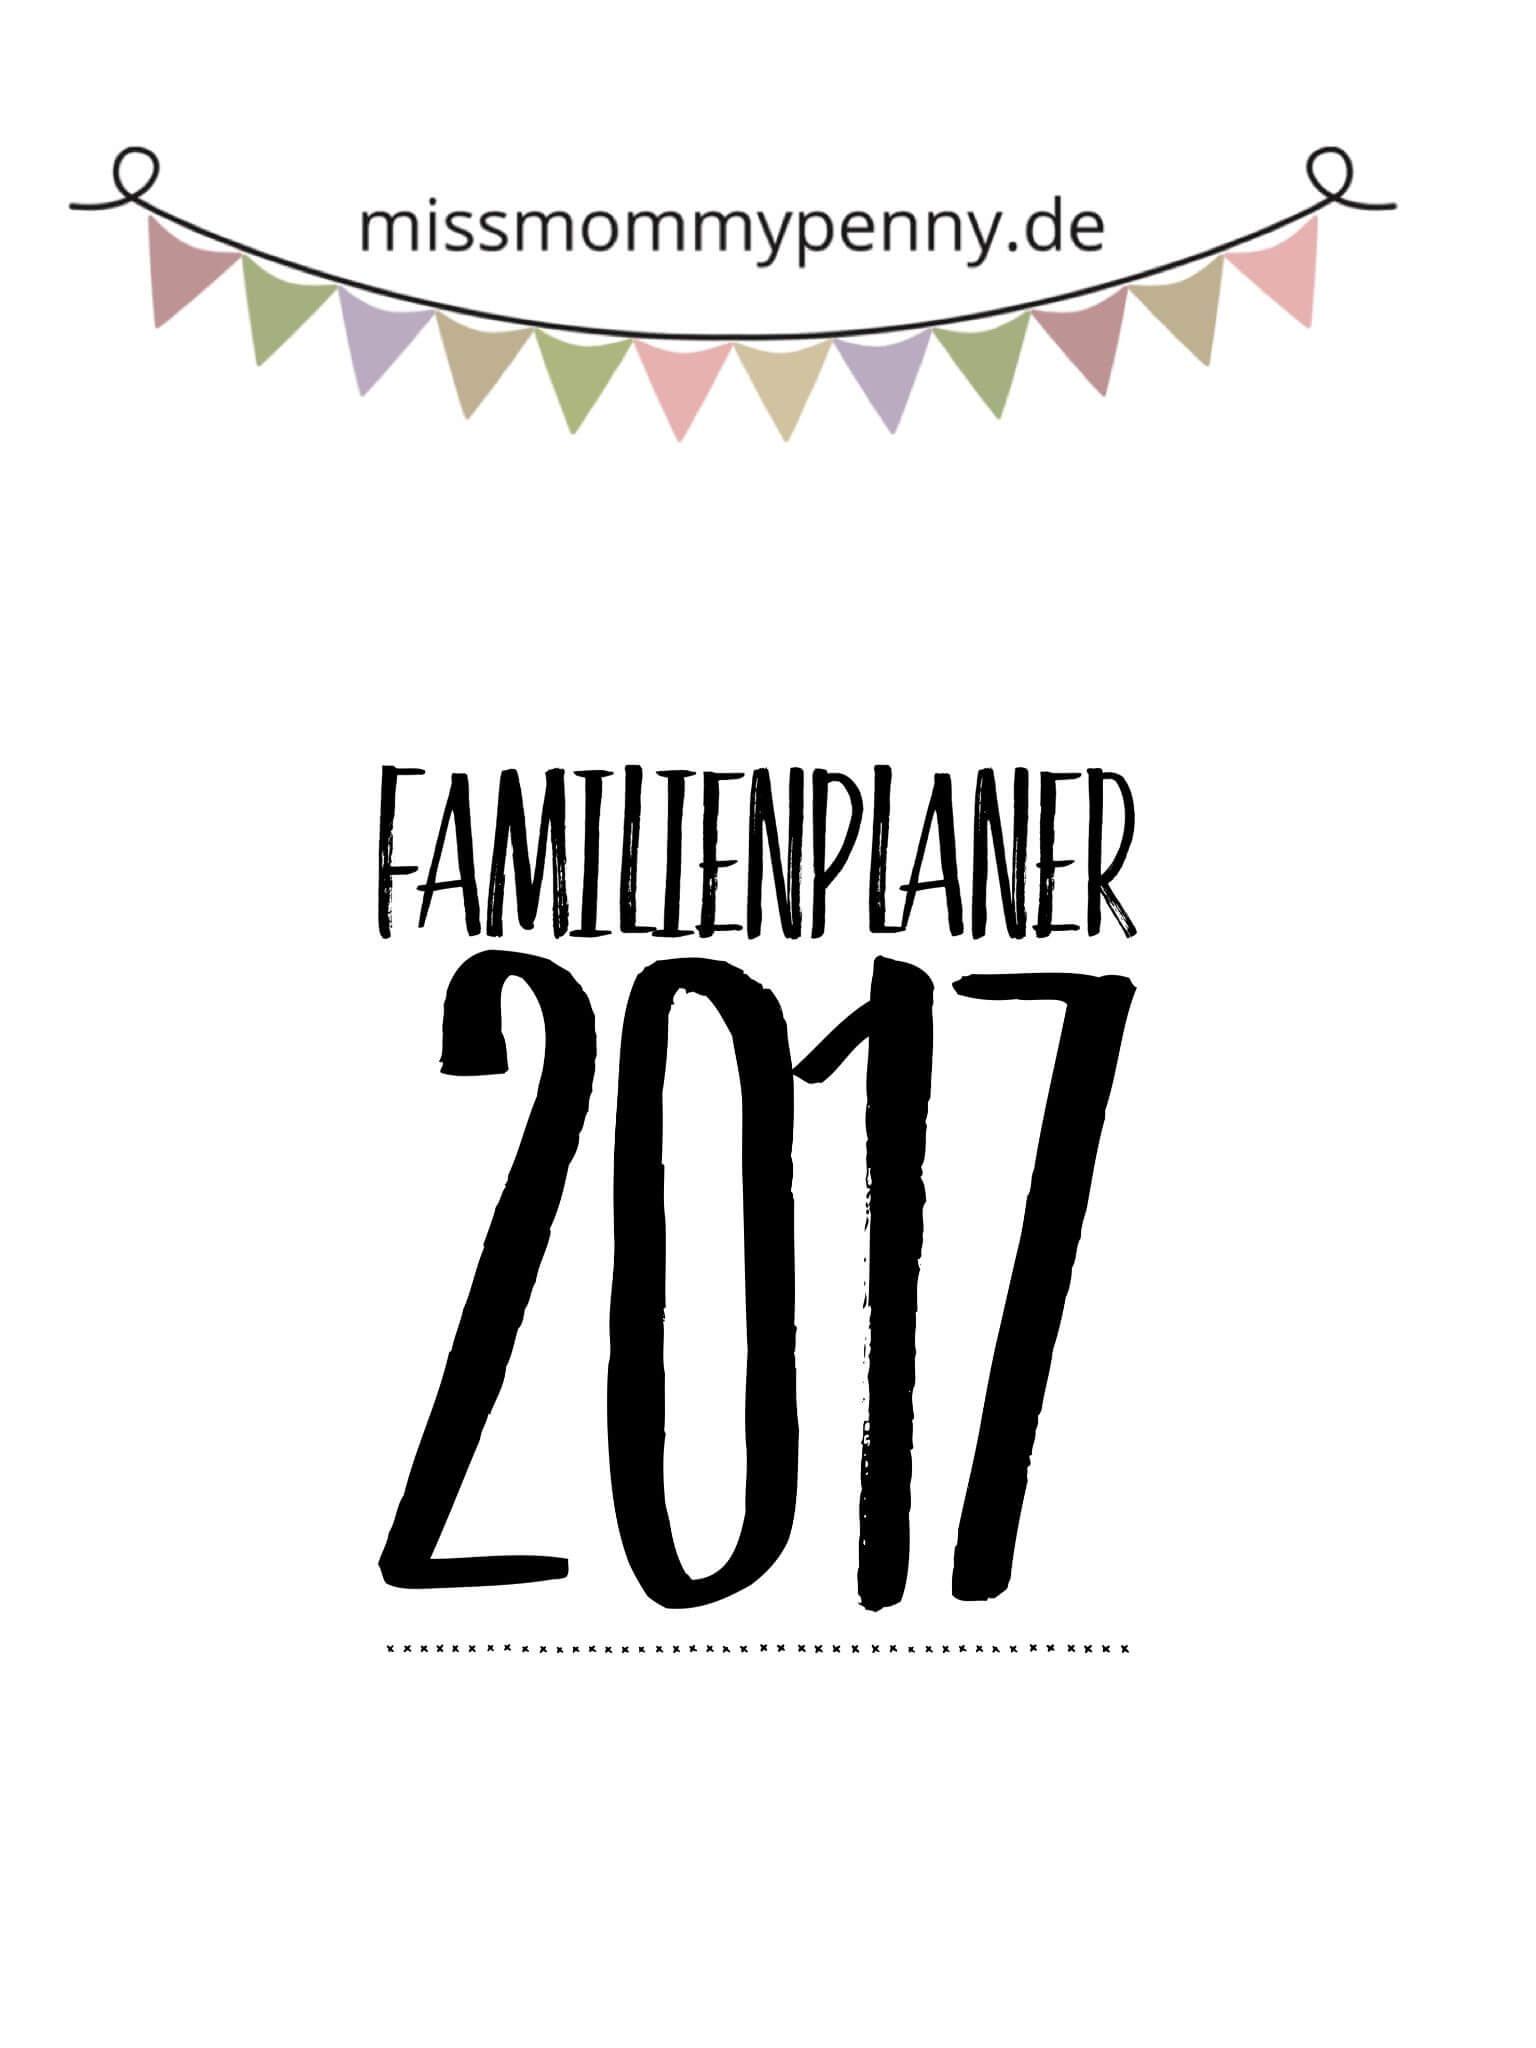 Flexibler Familienplaner 2017